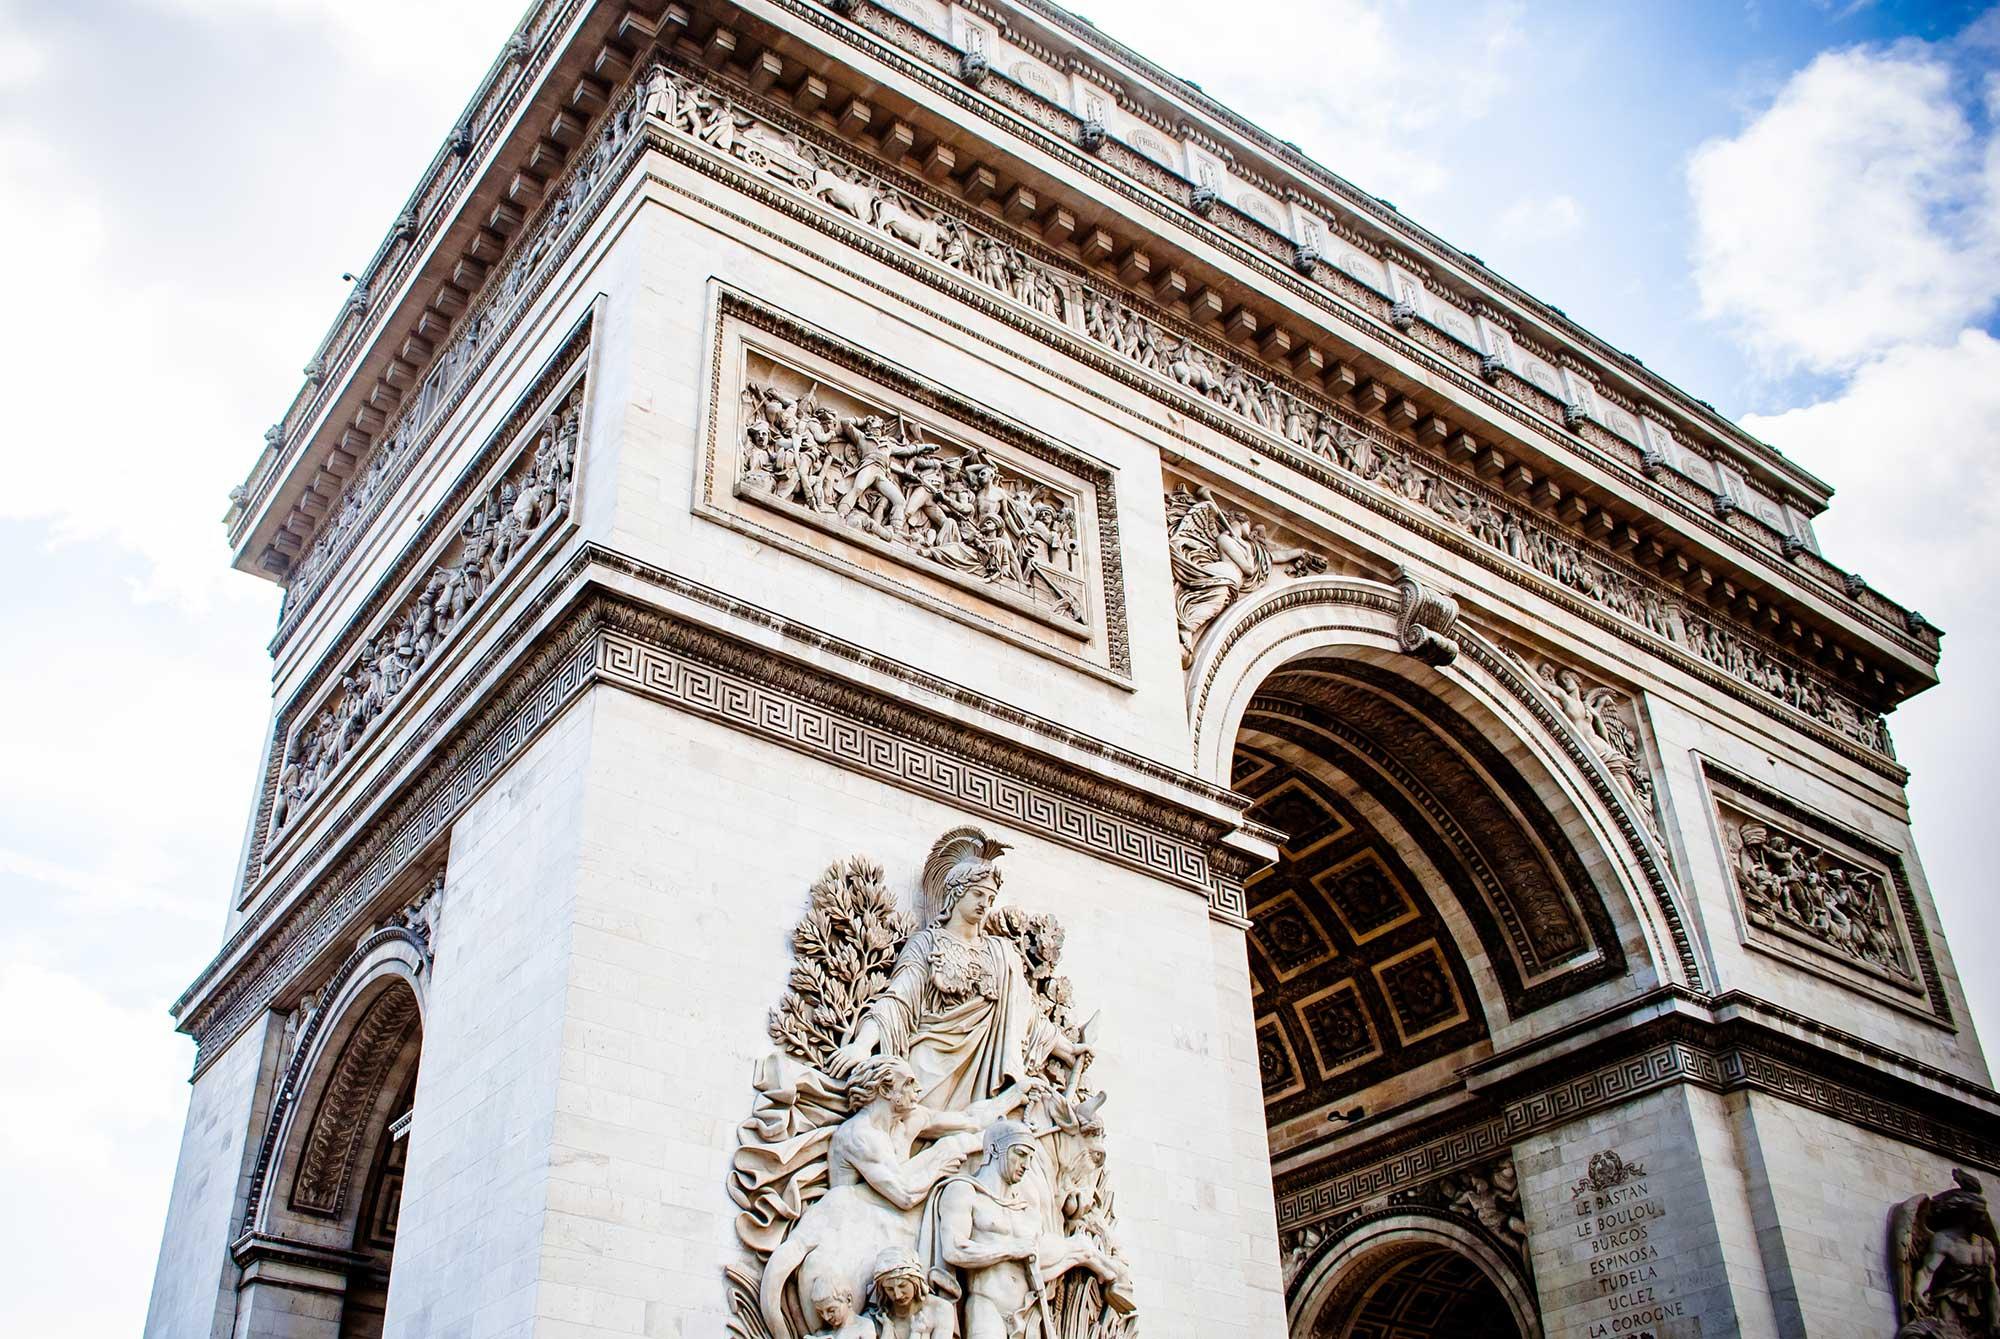 Augustin Doulcet Jean Leger avocat à la cour Paris 75008 litigation lawyer attorney business commercial law